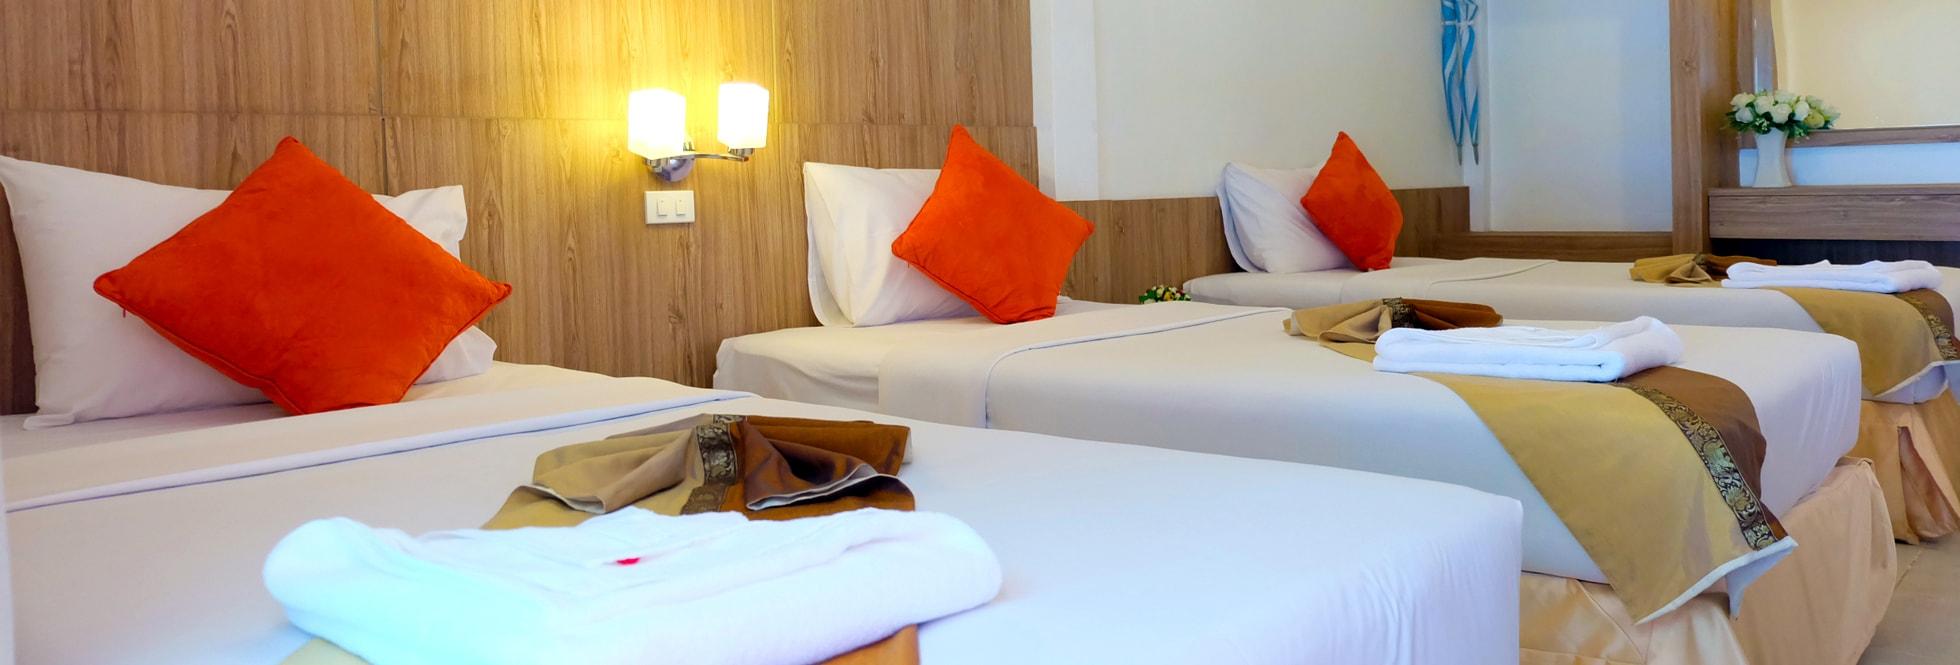 LAEMSING NATURAL BEACH: accommodation-min